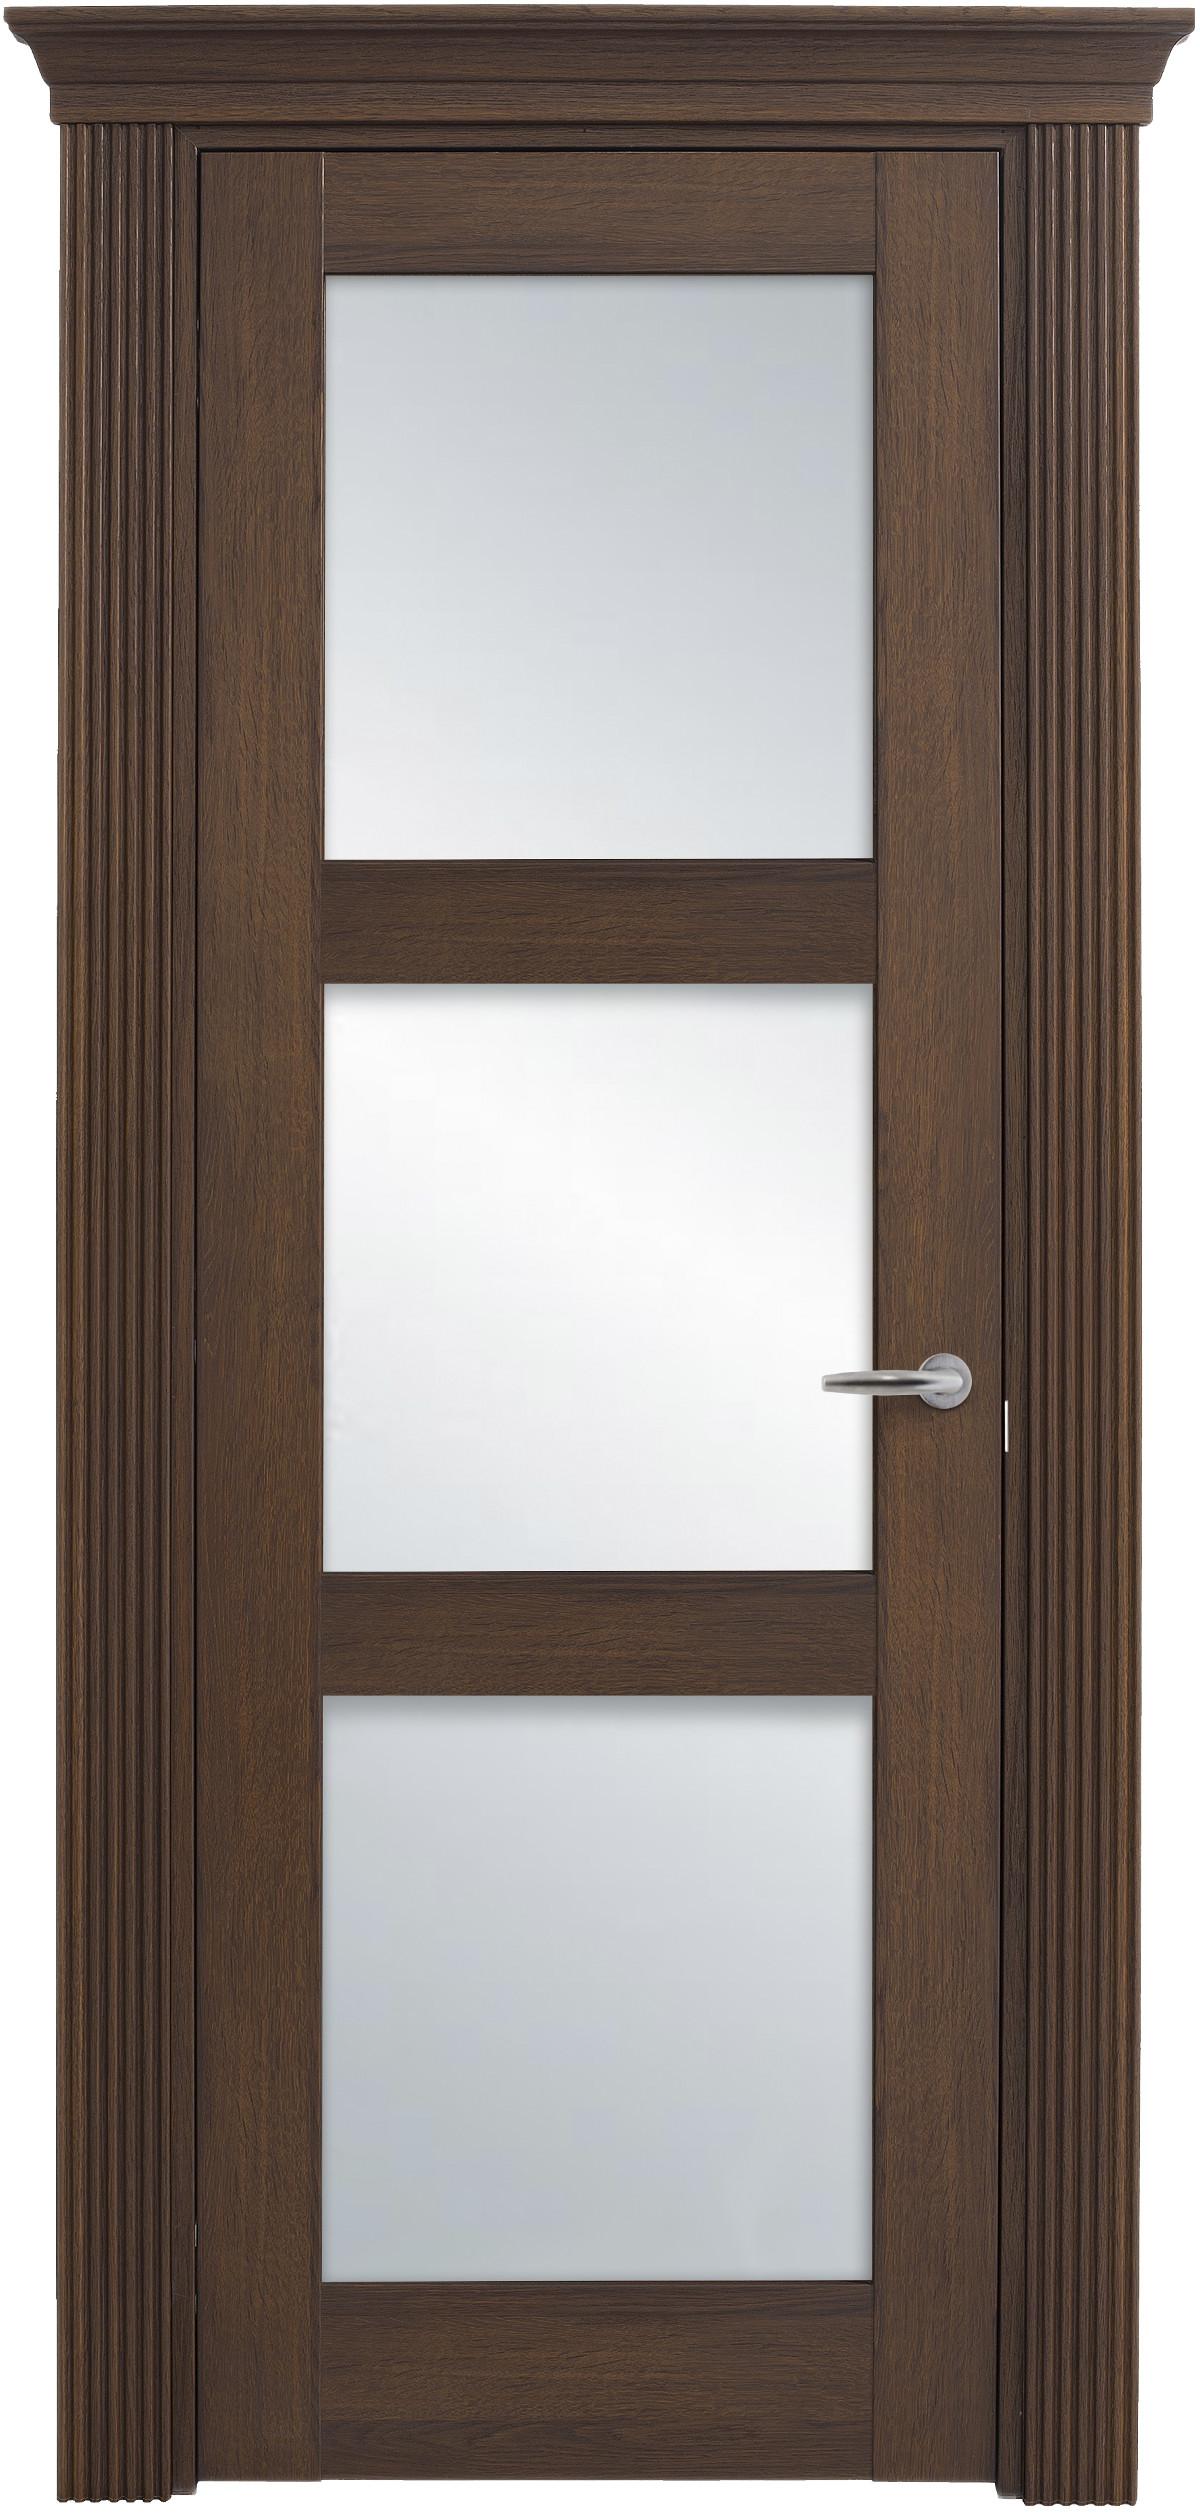 Межкомнатная / входная дверь, отделка: экошпон ГРЕЧЕСКИЙ ОРЕХ, Solo Classic 3S